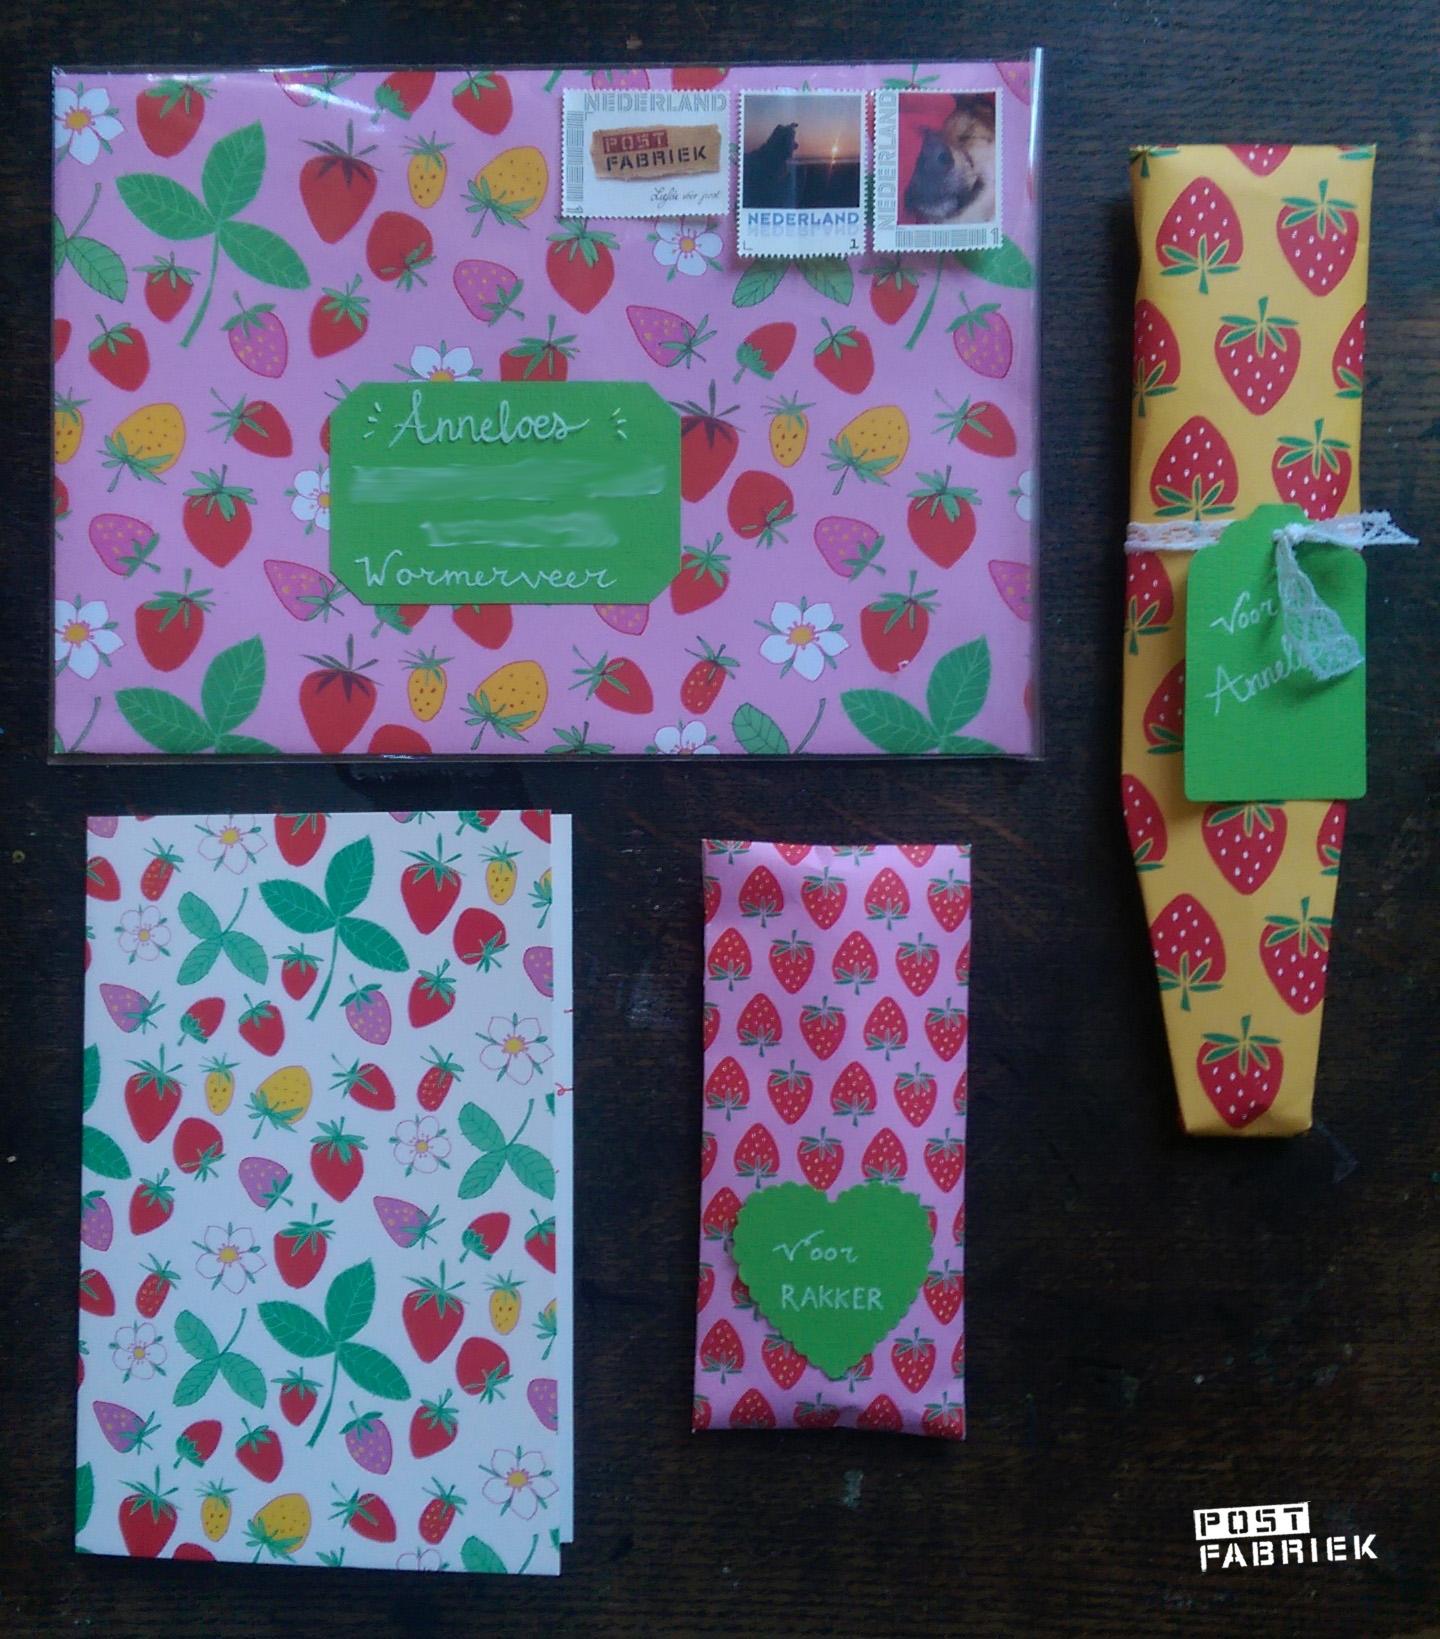 aardbeienpapier